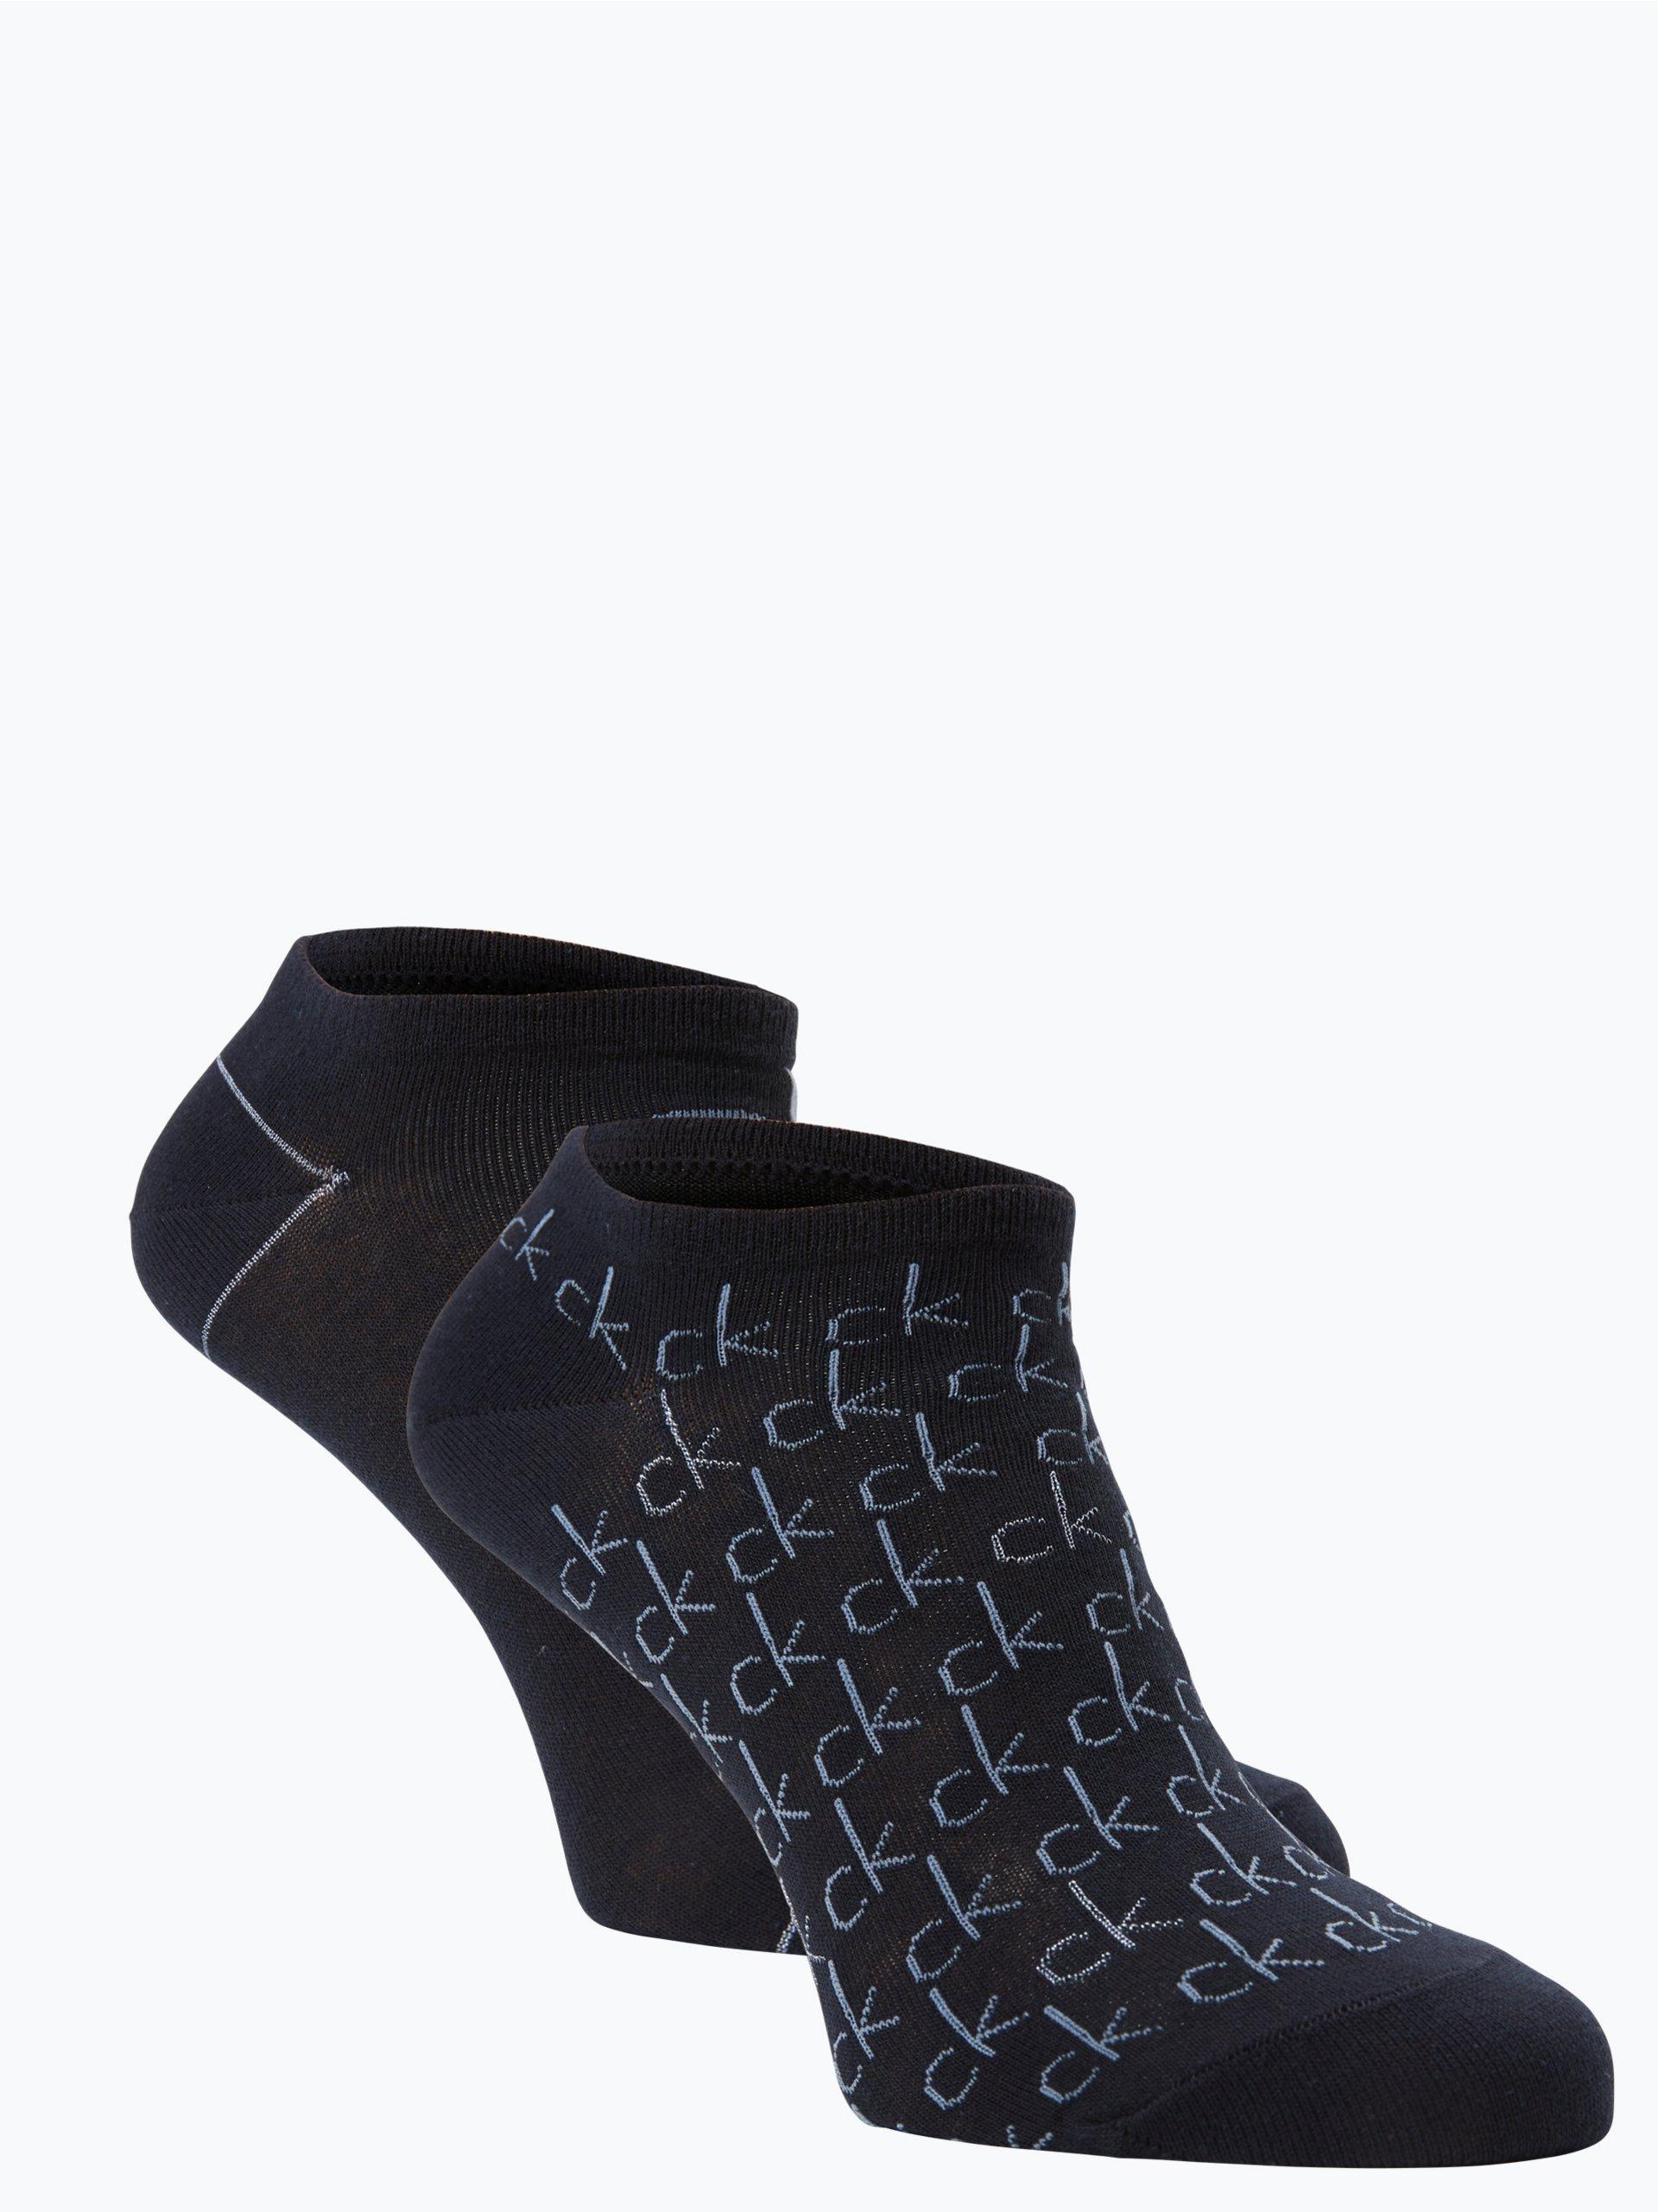 Calvin Klein Damskie skarpety do obuwia sportowego pakowane po 2 szt.